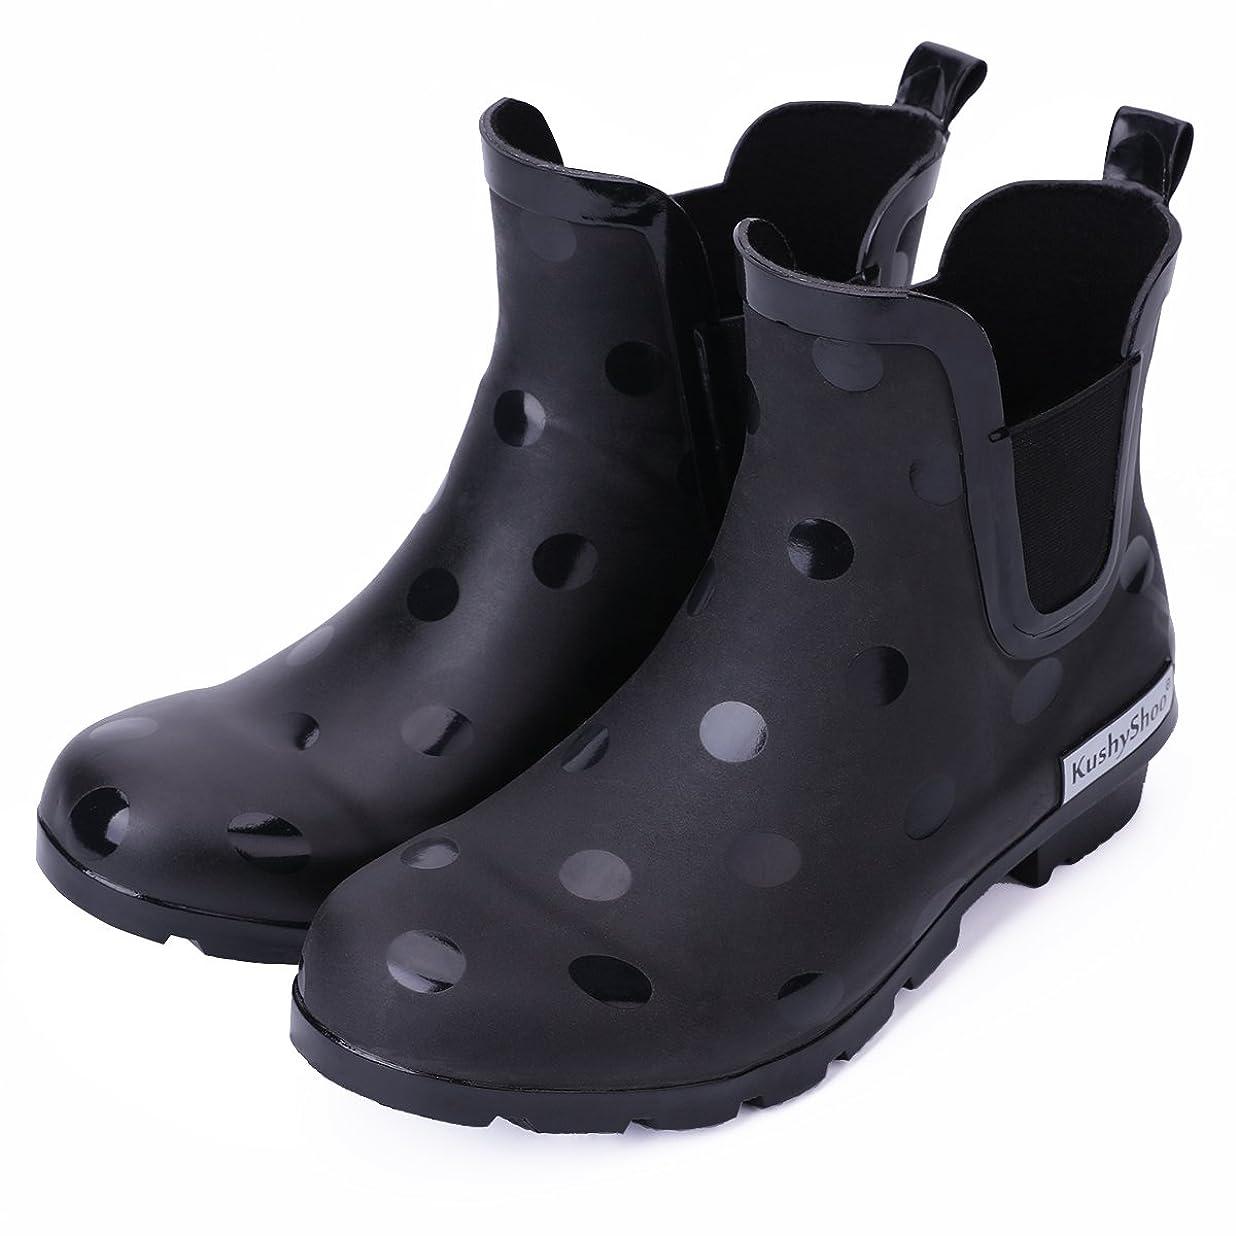 衝突する勧める誰[EmiShoes] レインシューズ レインブーツ メンズ レディース ショット雨靴 短靴 男女兼用 おしゃれ 晴れの日にも履きたい 快適 防水 耐滑